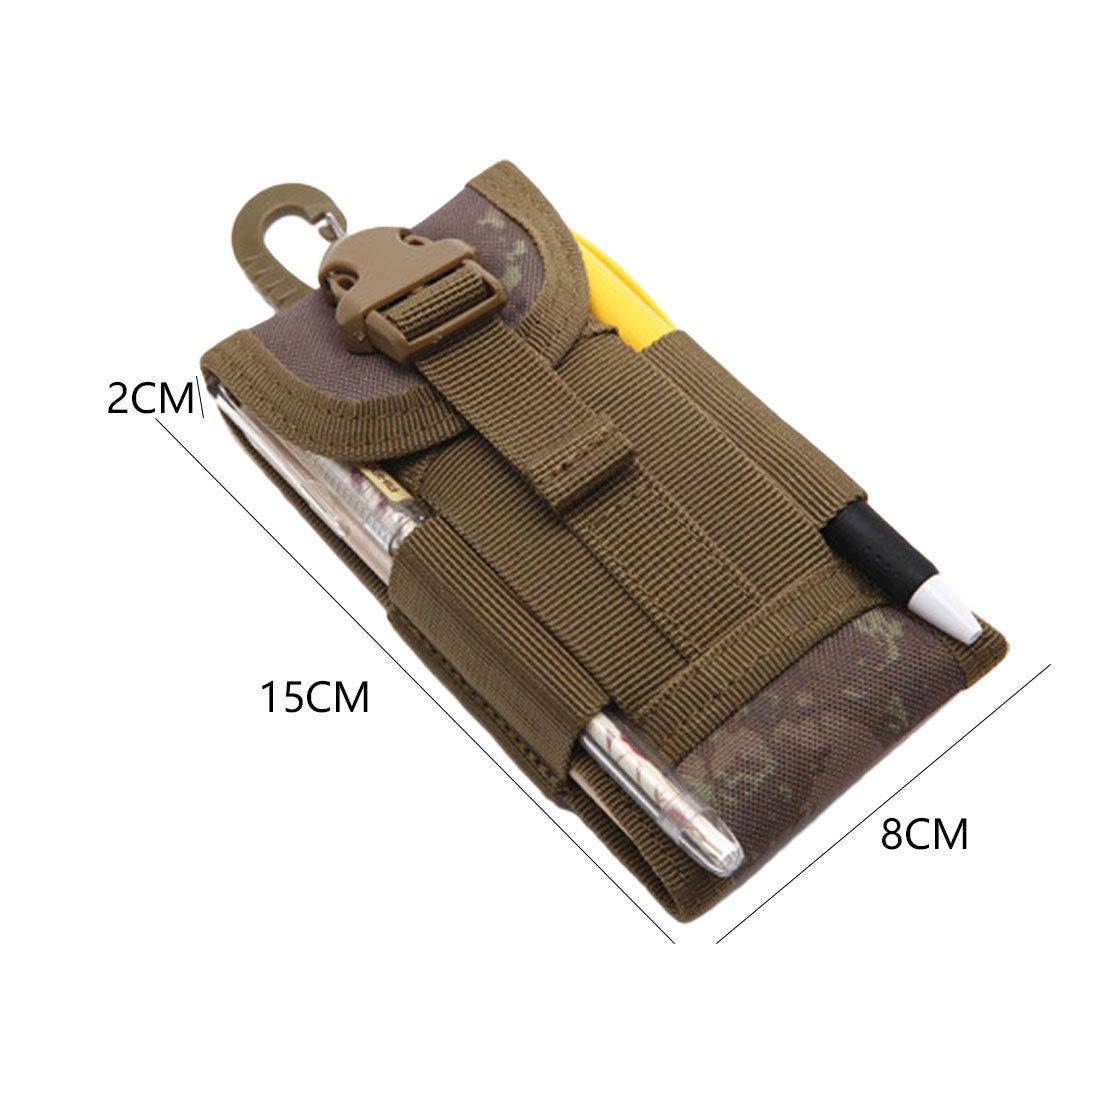 Cintur/ón t/áctico al Aire Libre port/átil Bolso de la Cintura para el tel/éfono m/óvil Funda de la Bolsa de la Cubierta del Gancho Que Lleva Resistente Caqui Resistente